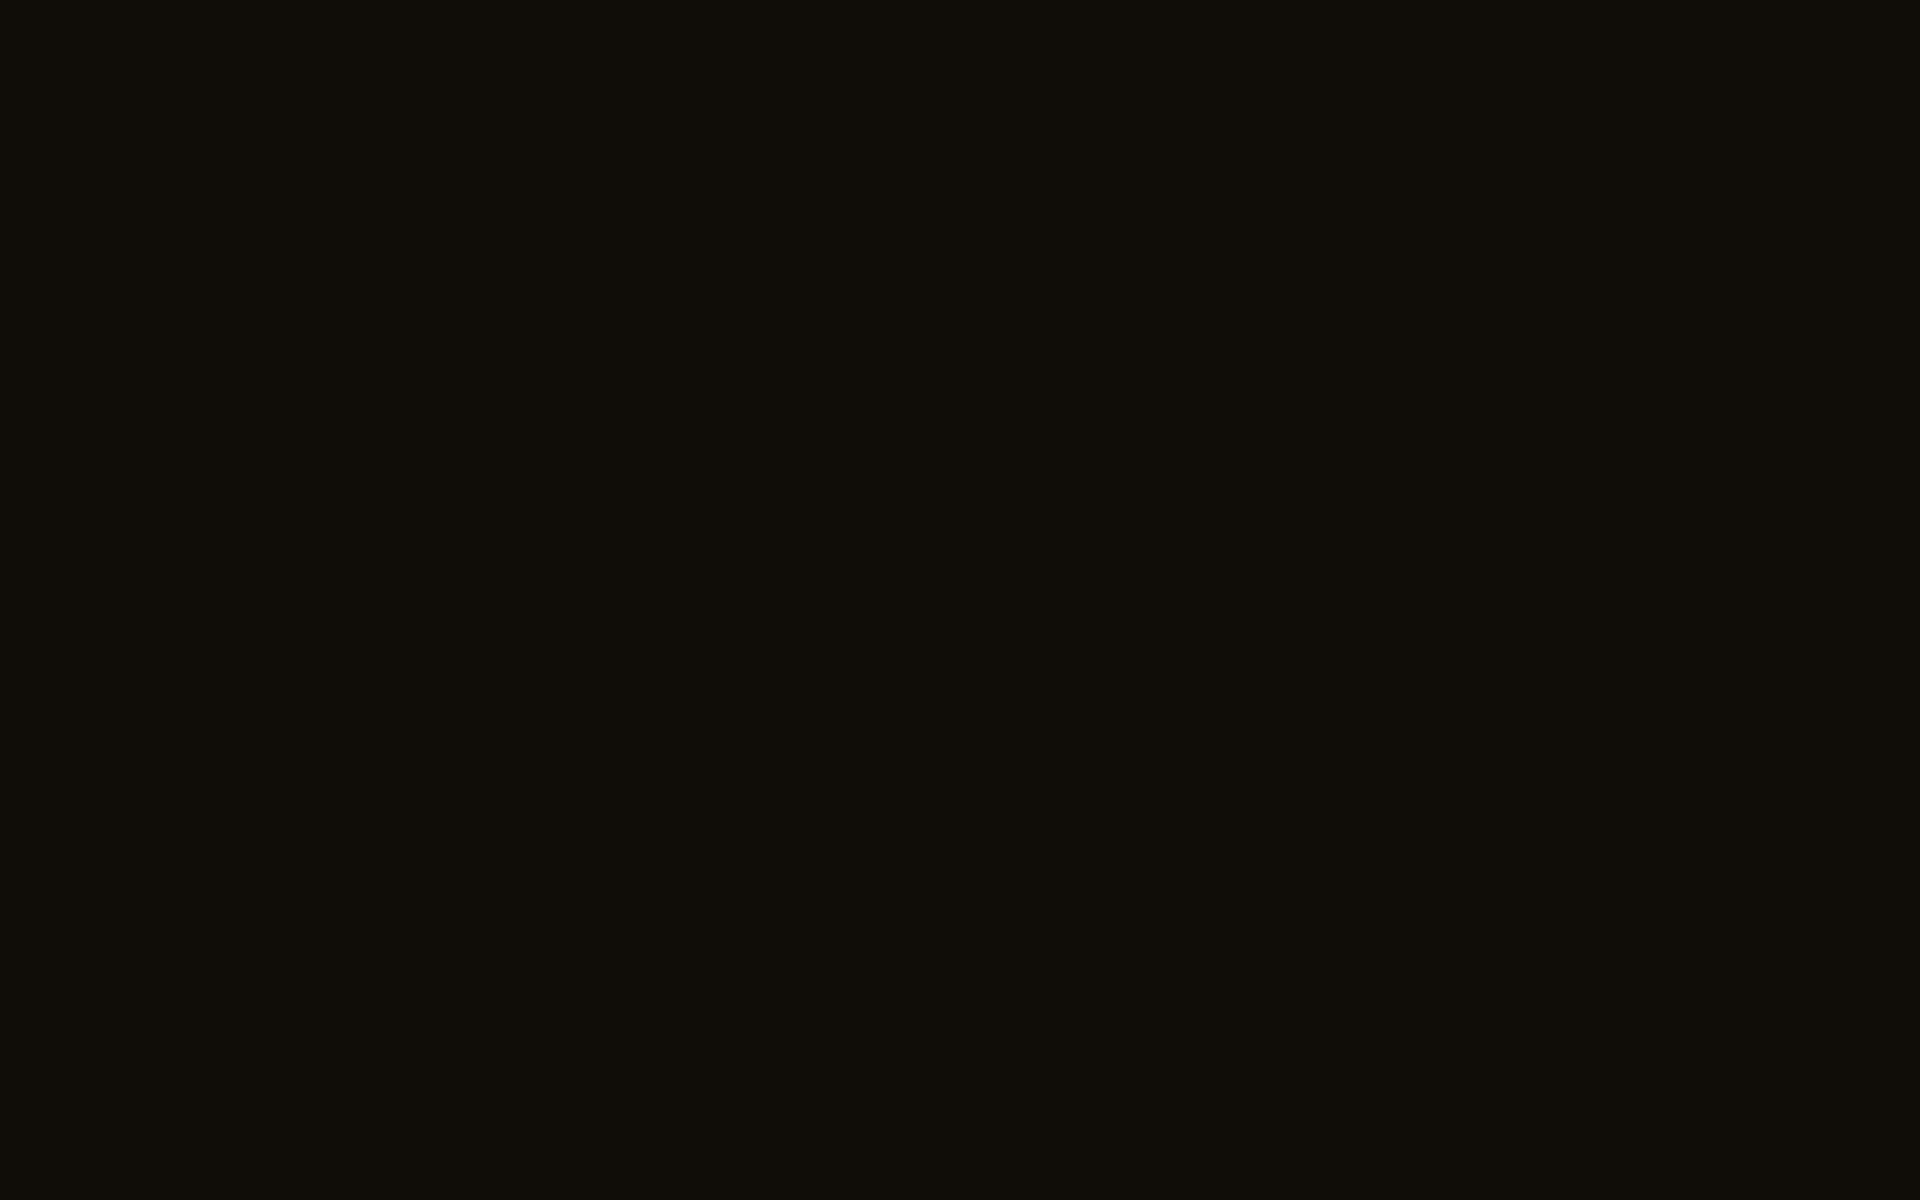 47+ Black and Color Wallpaper on WallpaperSafari